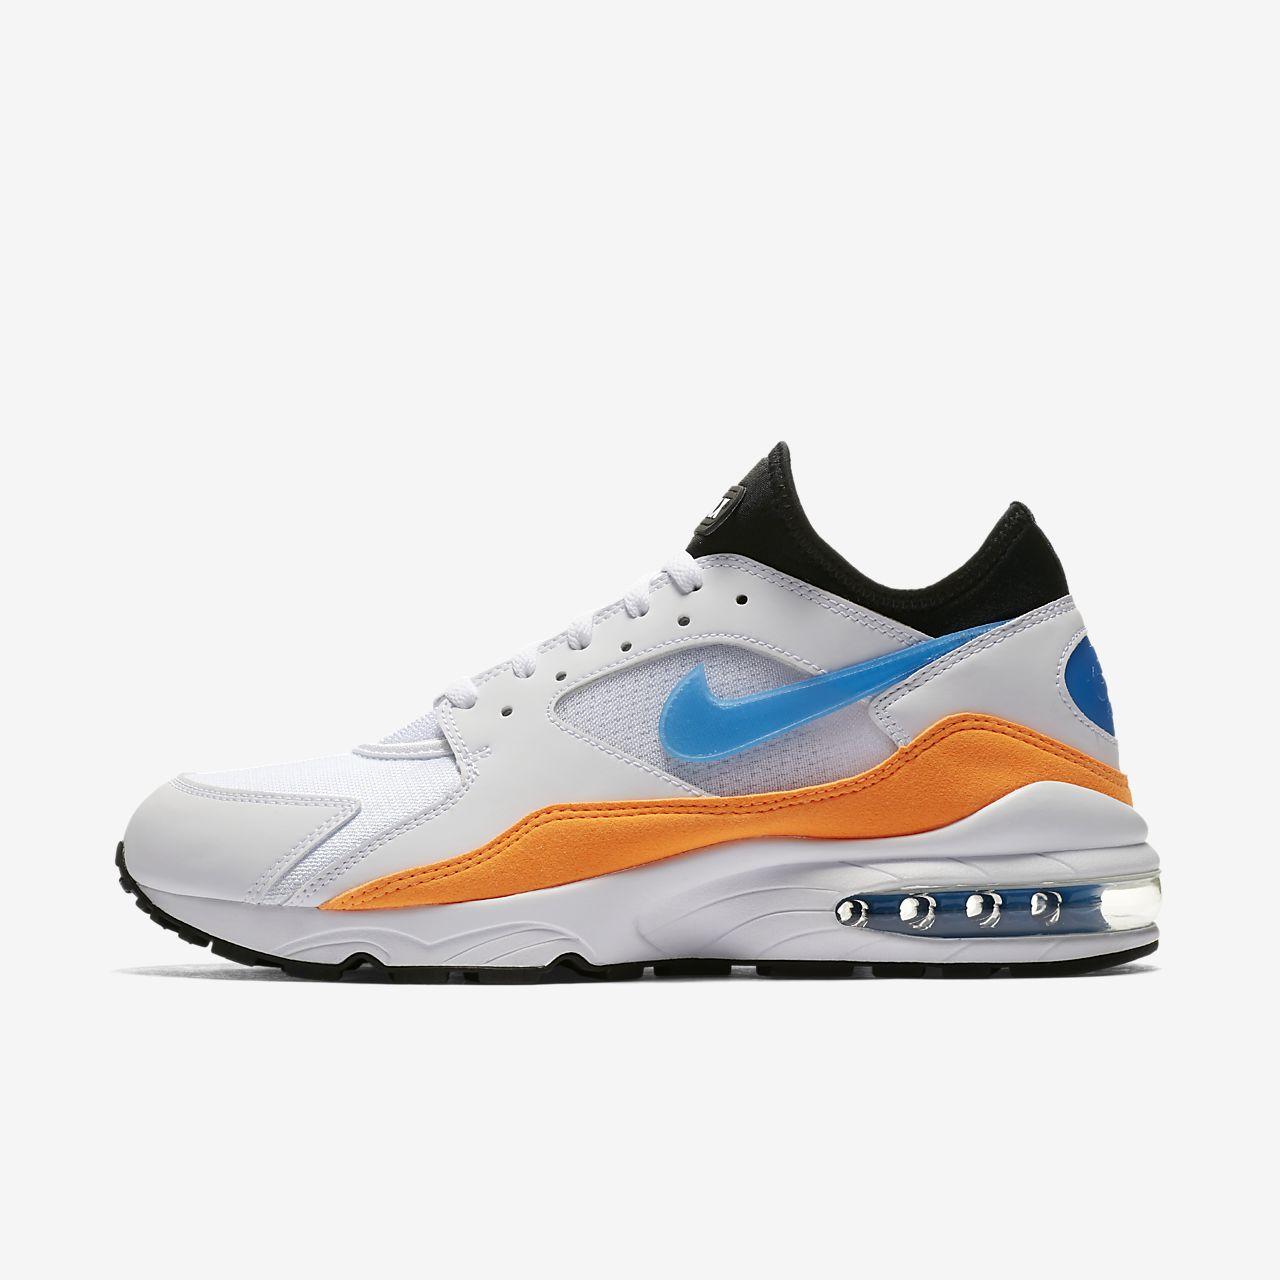 Chaussure homme nike air max